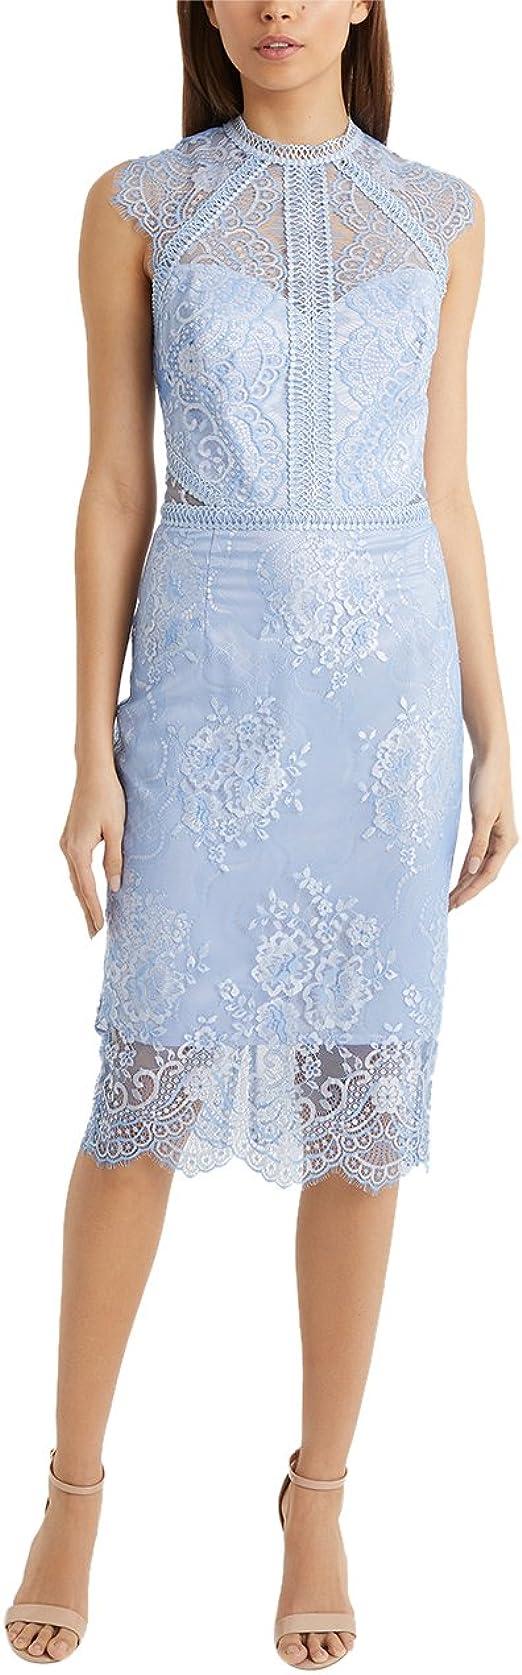 Lipsy Damen Vip Zweifarbiges Figurbetontes Kleid Mit Spitze Blau